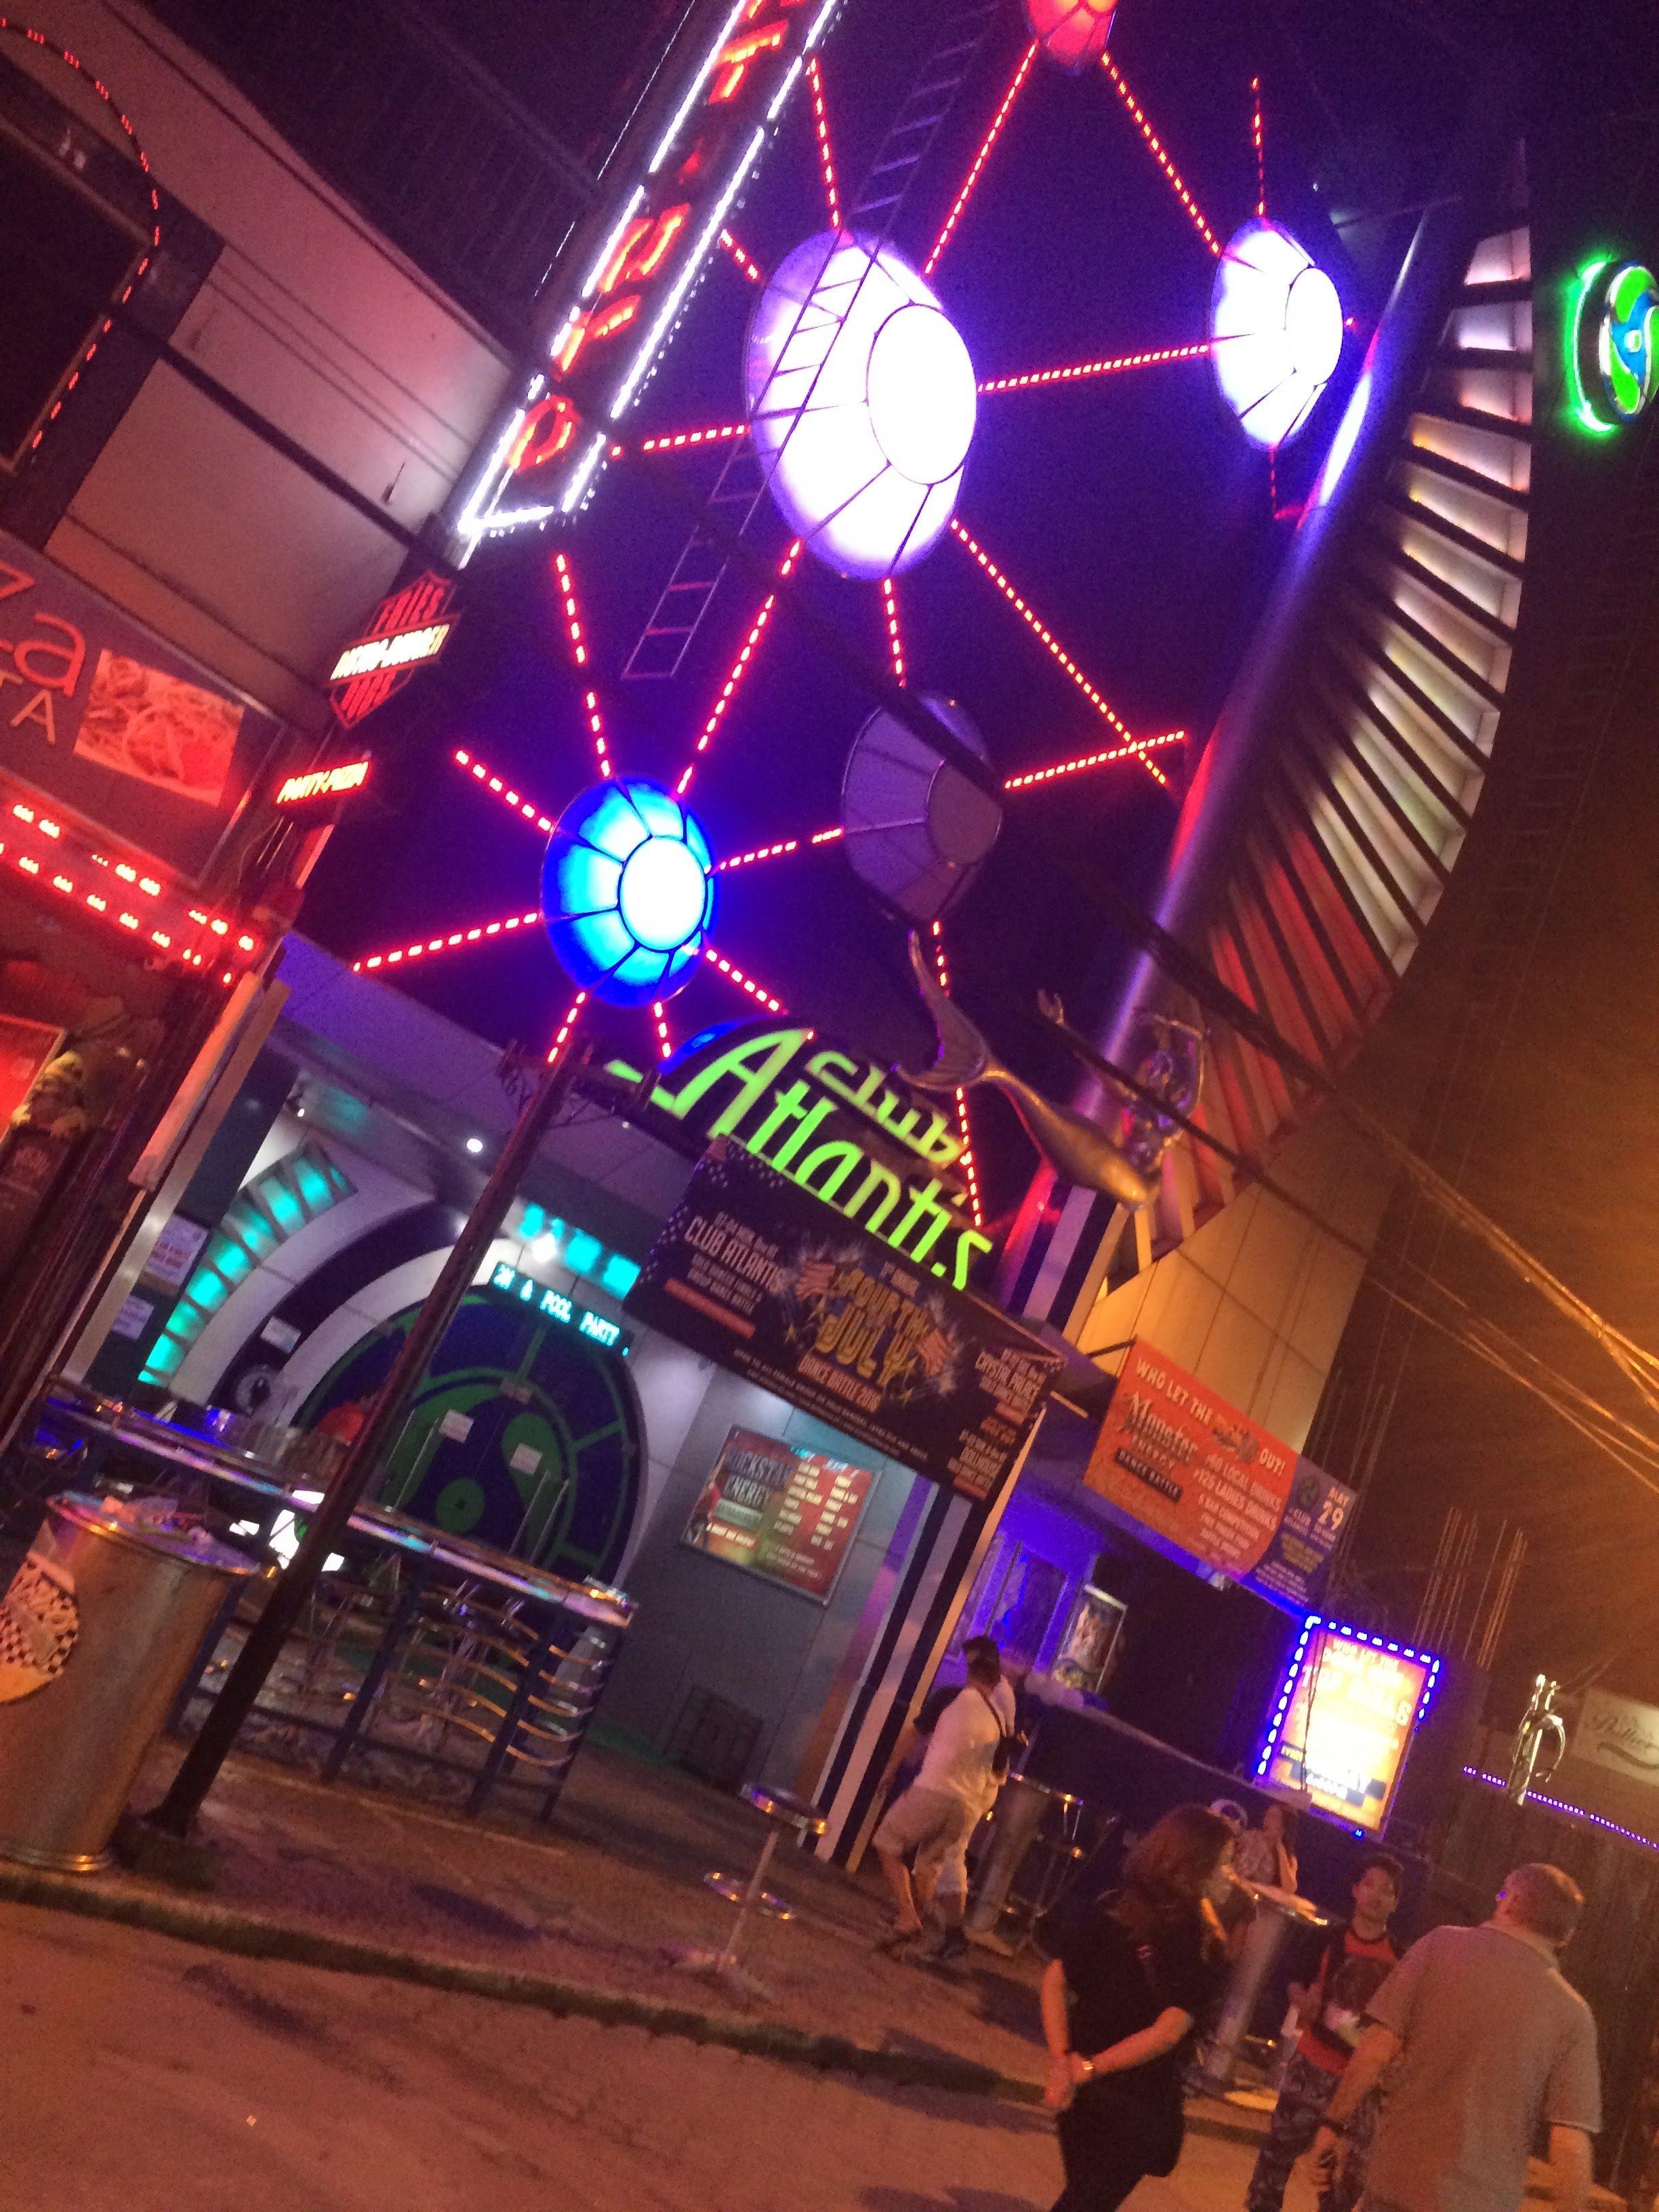 2018年梅雨時期にアンヘレスウォーキングストリートのクラブアトランティス(Club Atlantis)で一悶着あった件